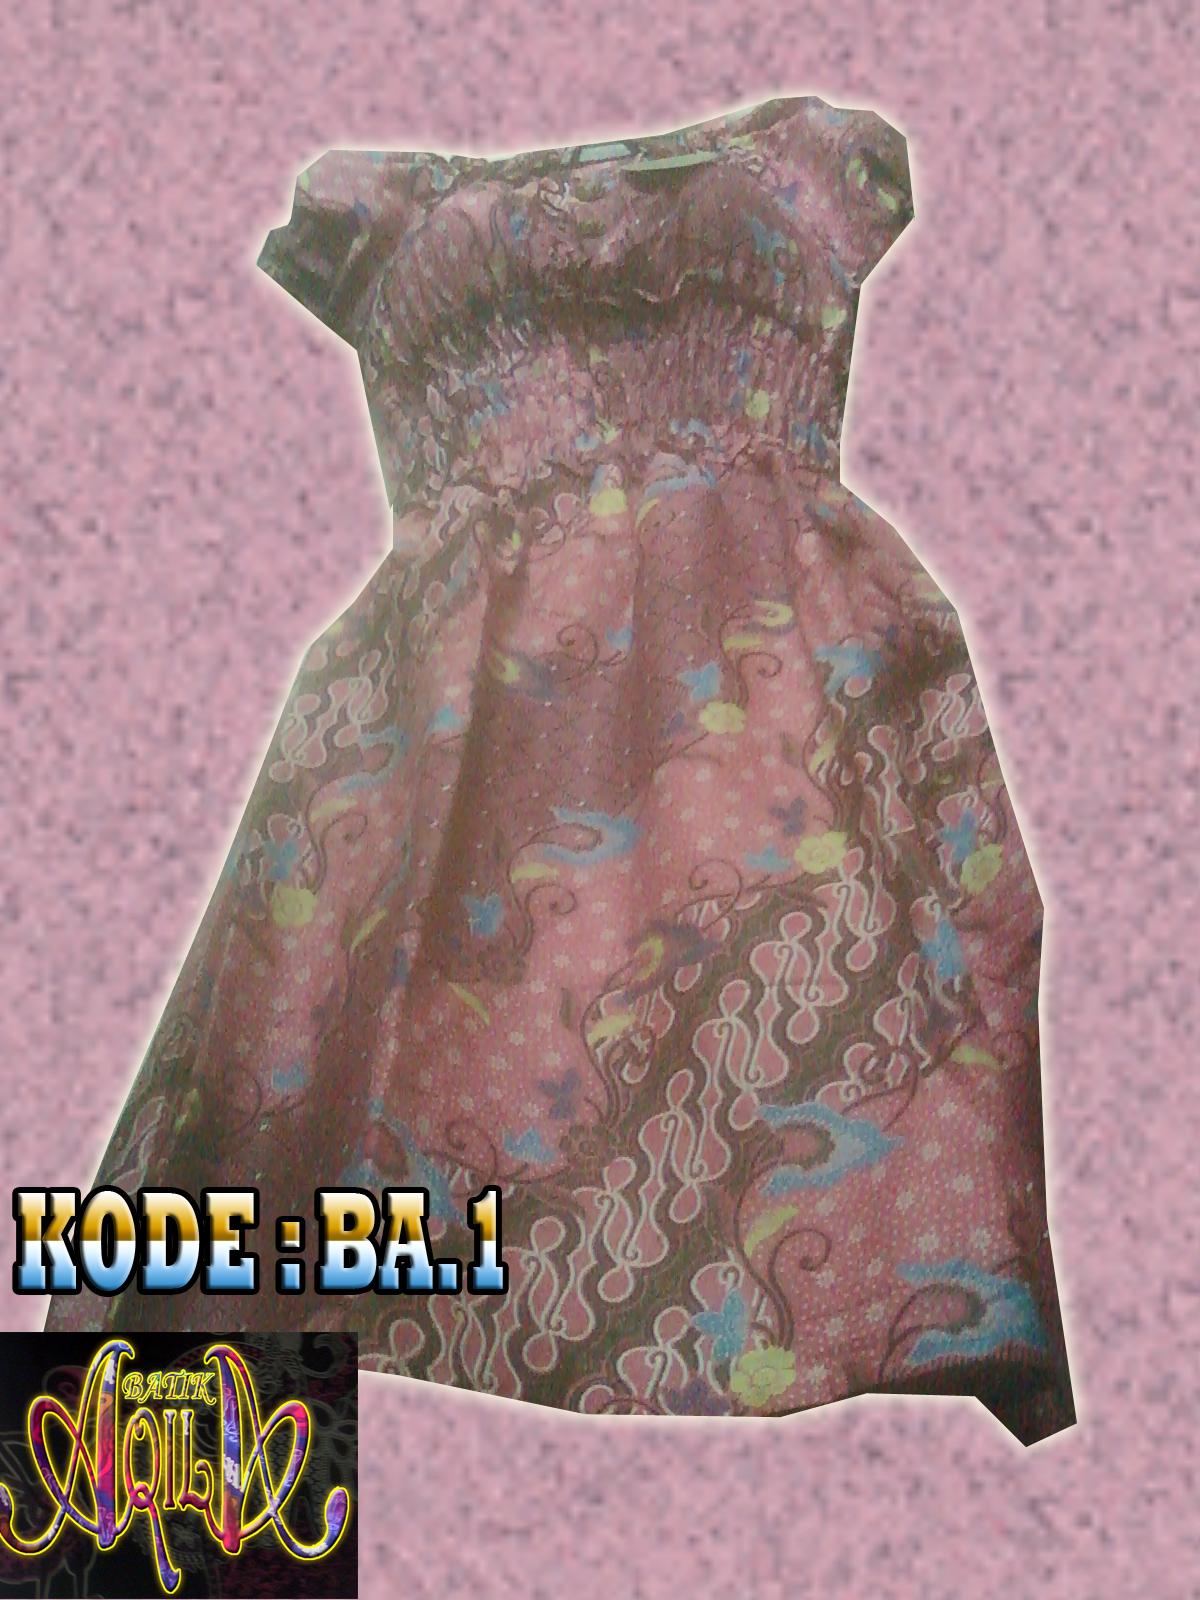 BAJU ATASAN BATIK WANITA KODE BA1, Batik Halus, tidak Panas dipakai, cocok untuk digunakan sebagai baju harian anda untuk waktu bersantai anda. SPECIAL PRICE Rp. 45.000/potong, informasi hubungi : 085742125550 (Indosat),http://batikaqila.blogspot.com